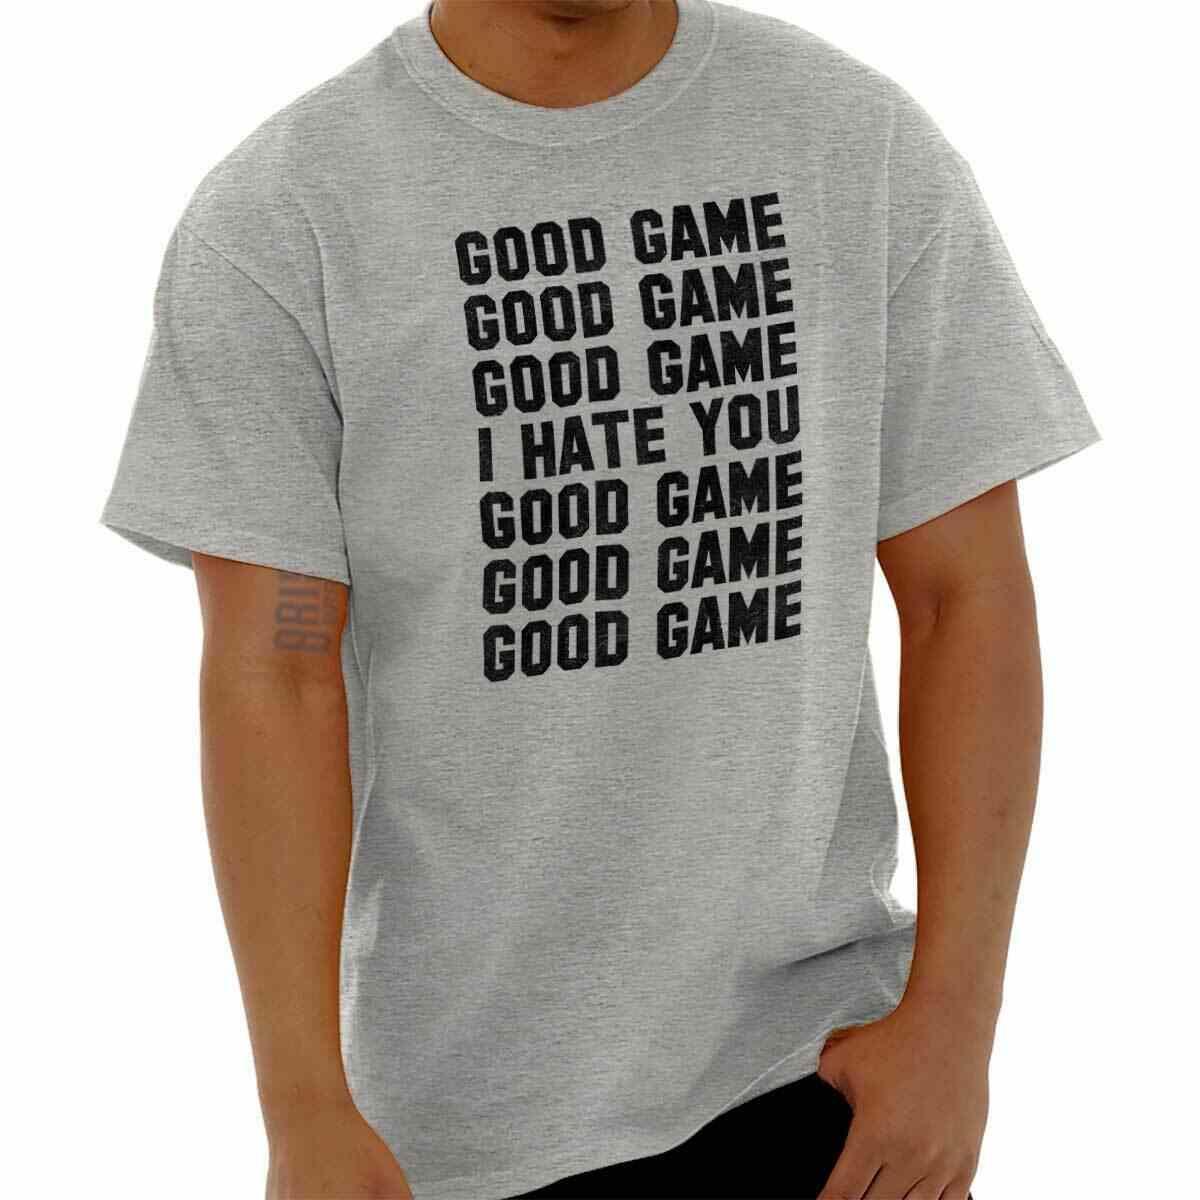 良いゲーム私はあなたおかしいシャツクールギフトかわいい皮肉ジムクラシック Tシャツ Te 、カジュアル半袖 Tシャツ卸売 tシャツ